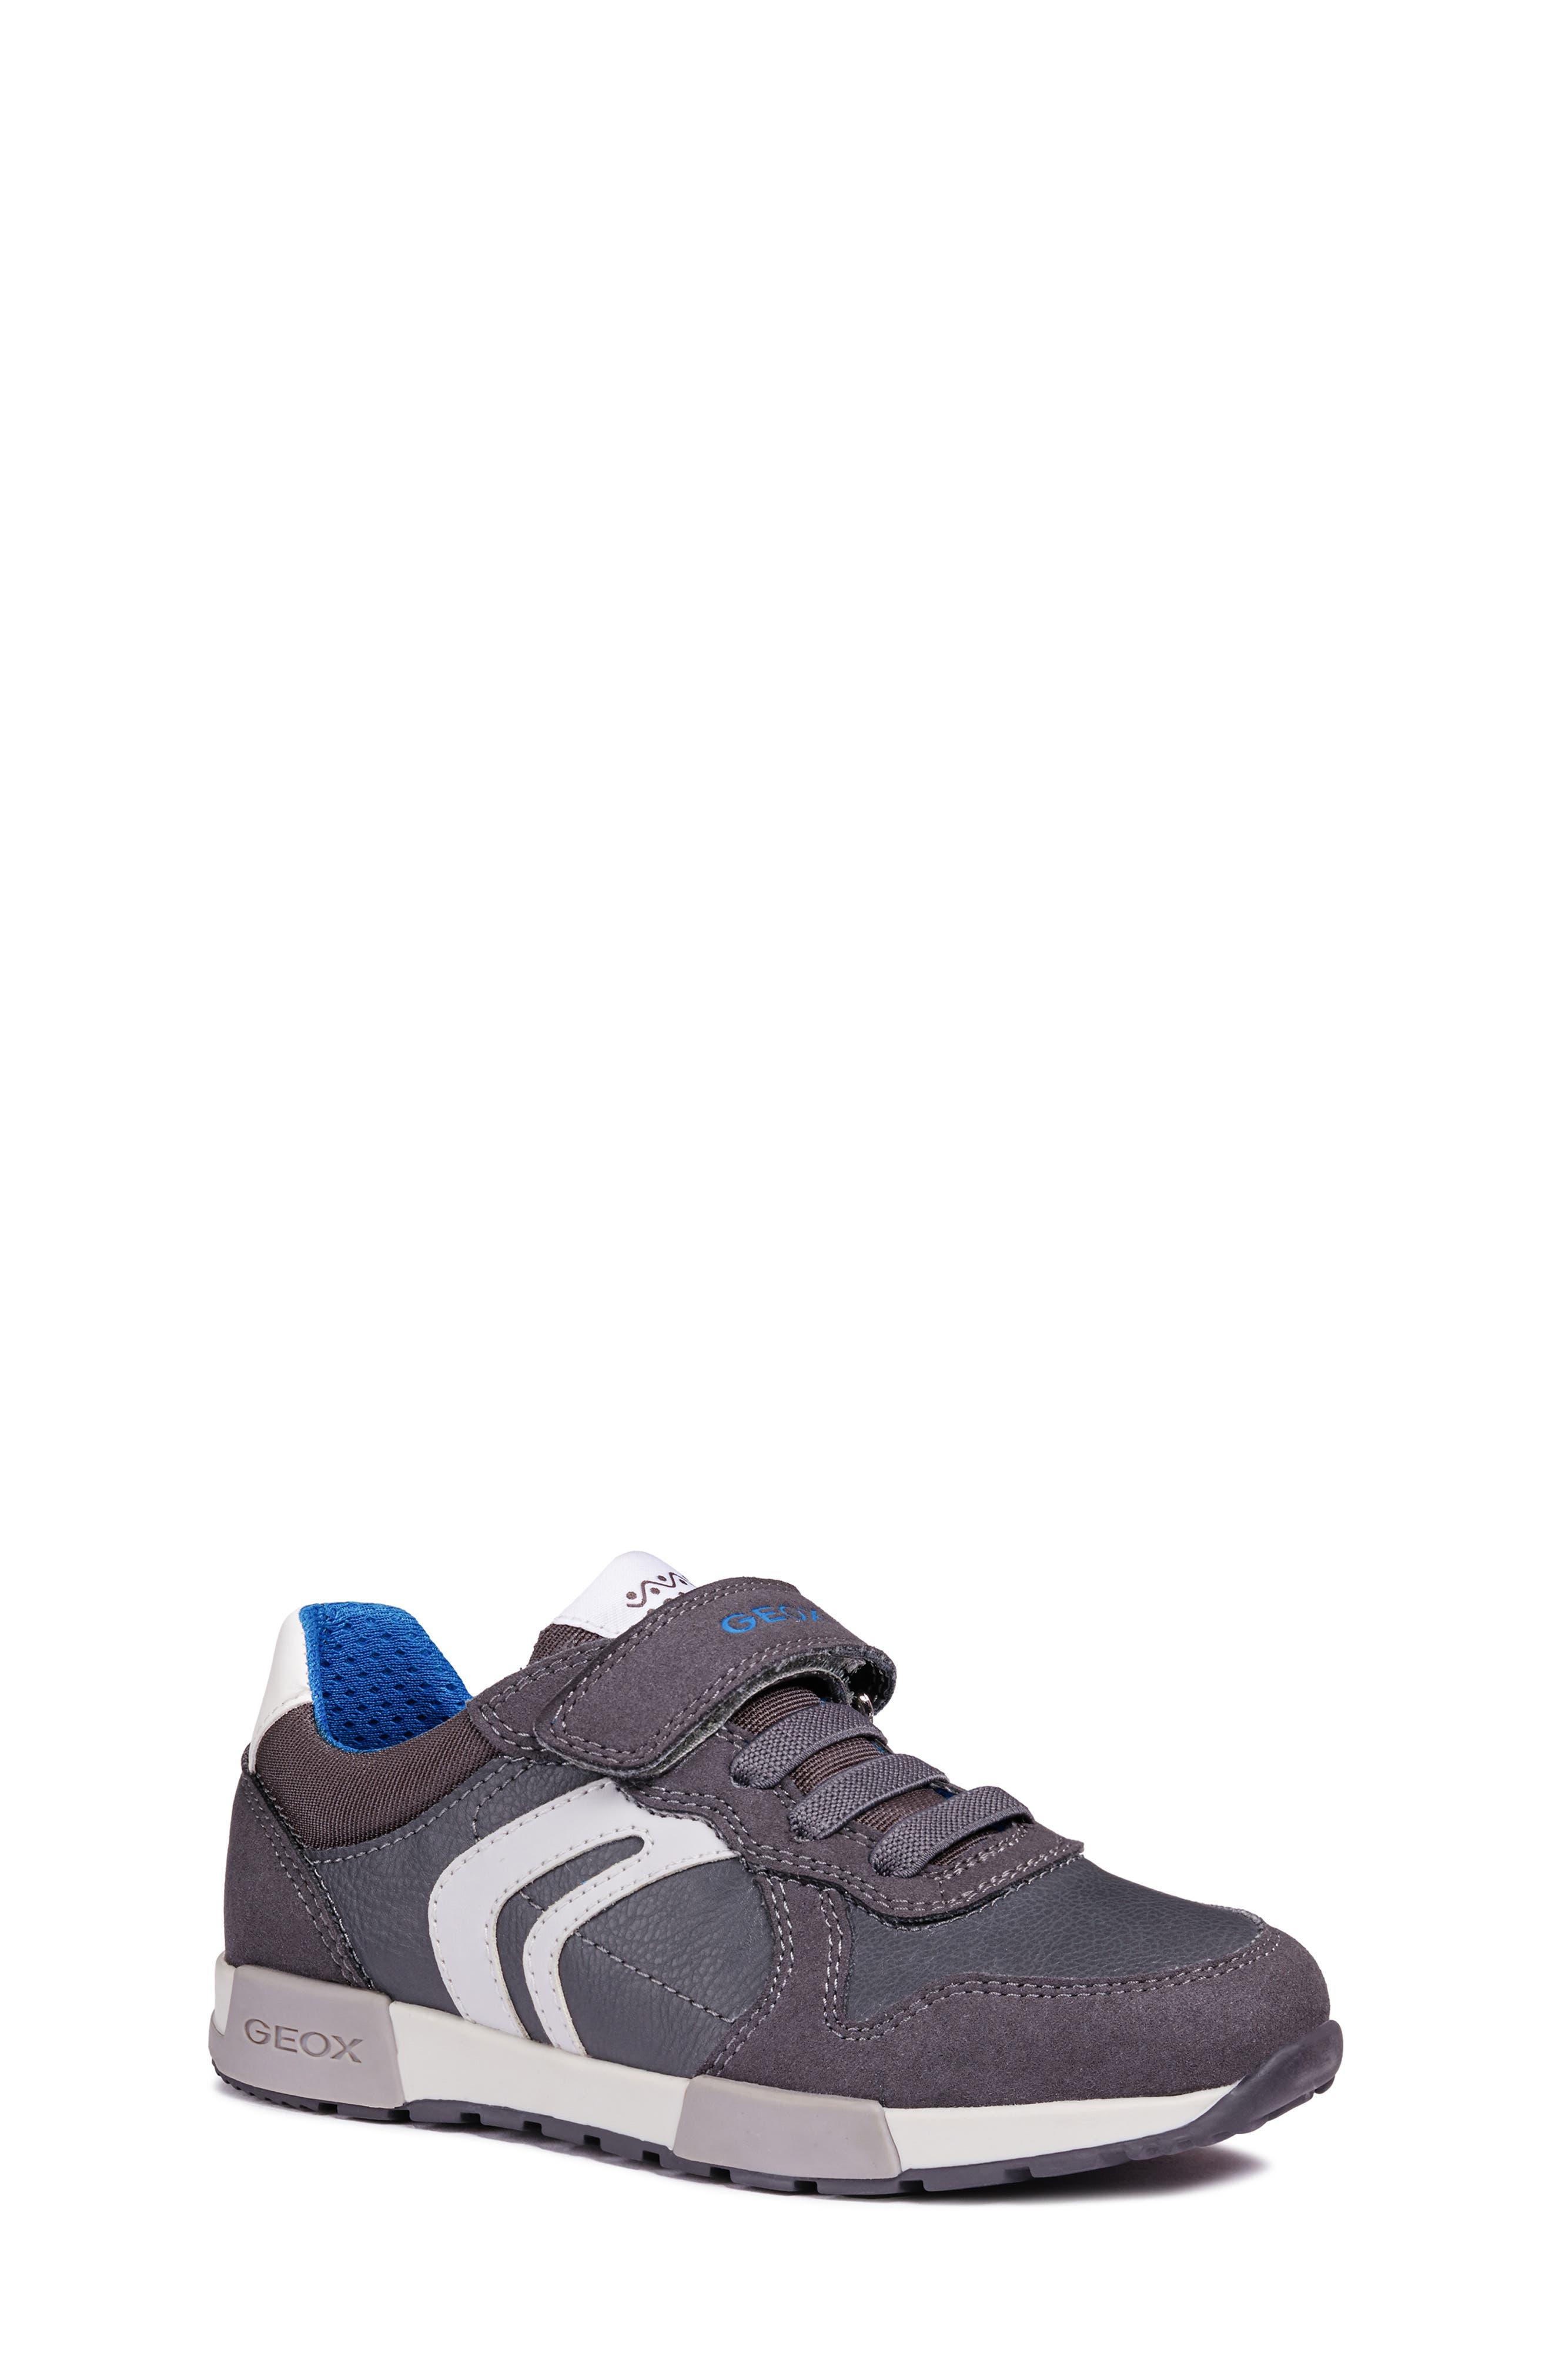 Alfier Boy Sneaker,                         Main,                         color, DARK GREY/GREY